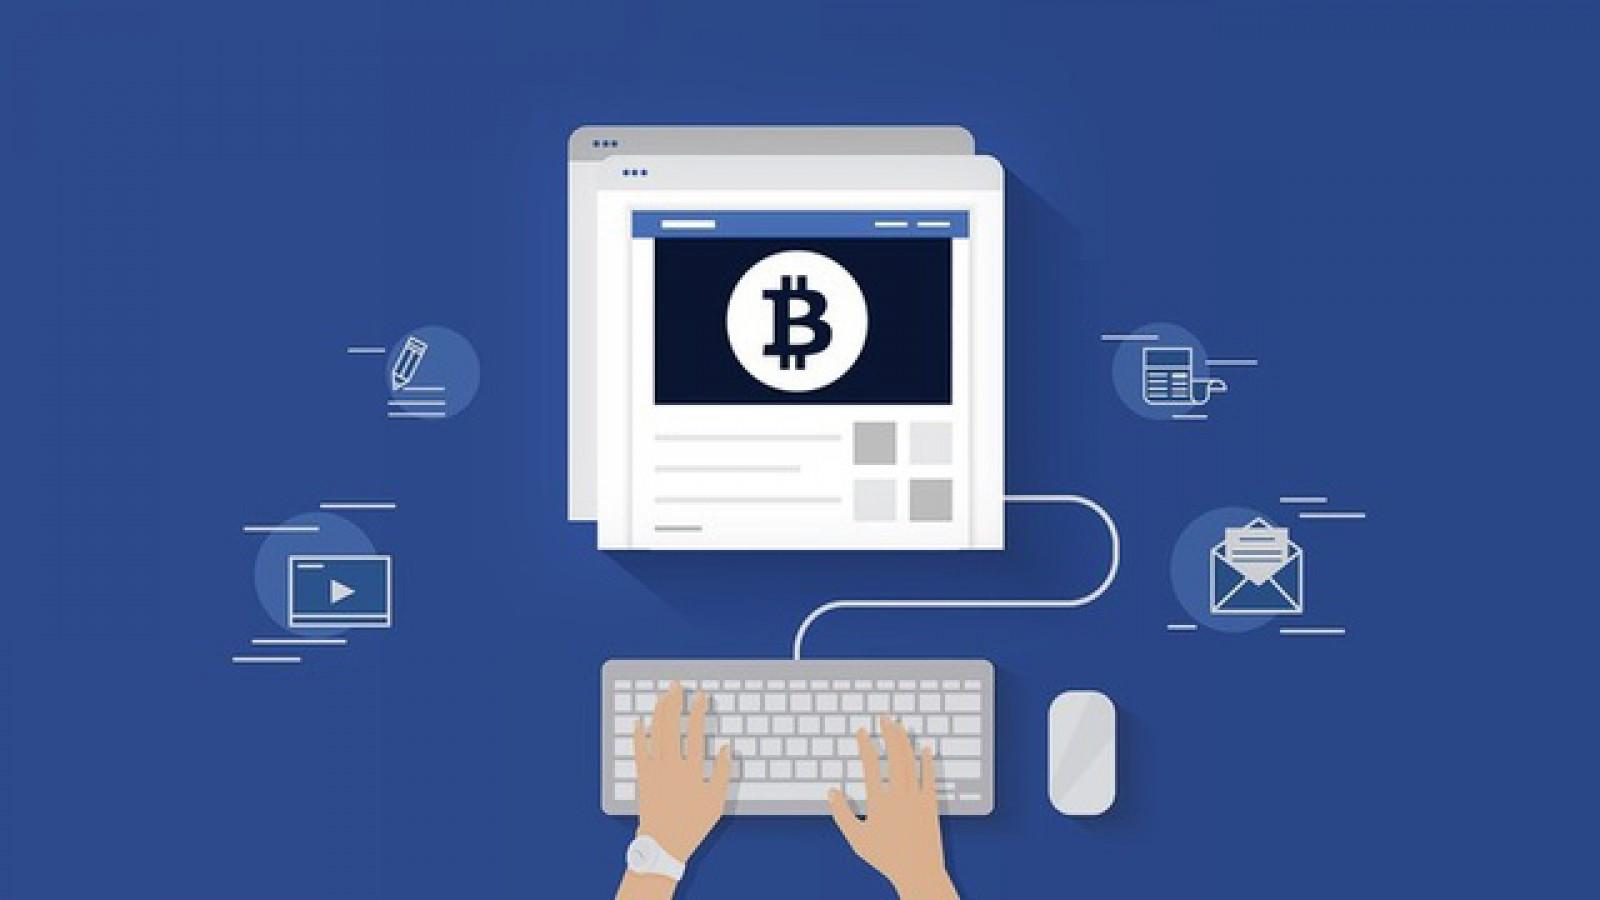 Facebook interzice reclamele pentru criptomonede, ICO-uri şi opţiuni binare